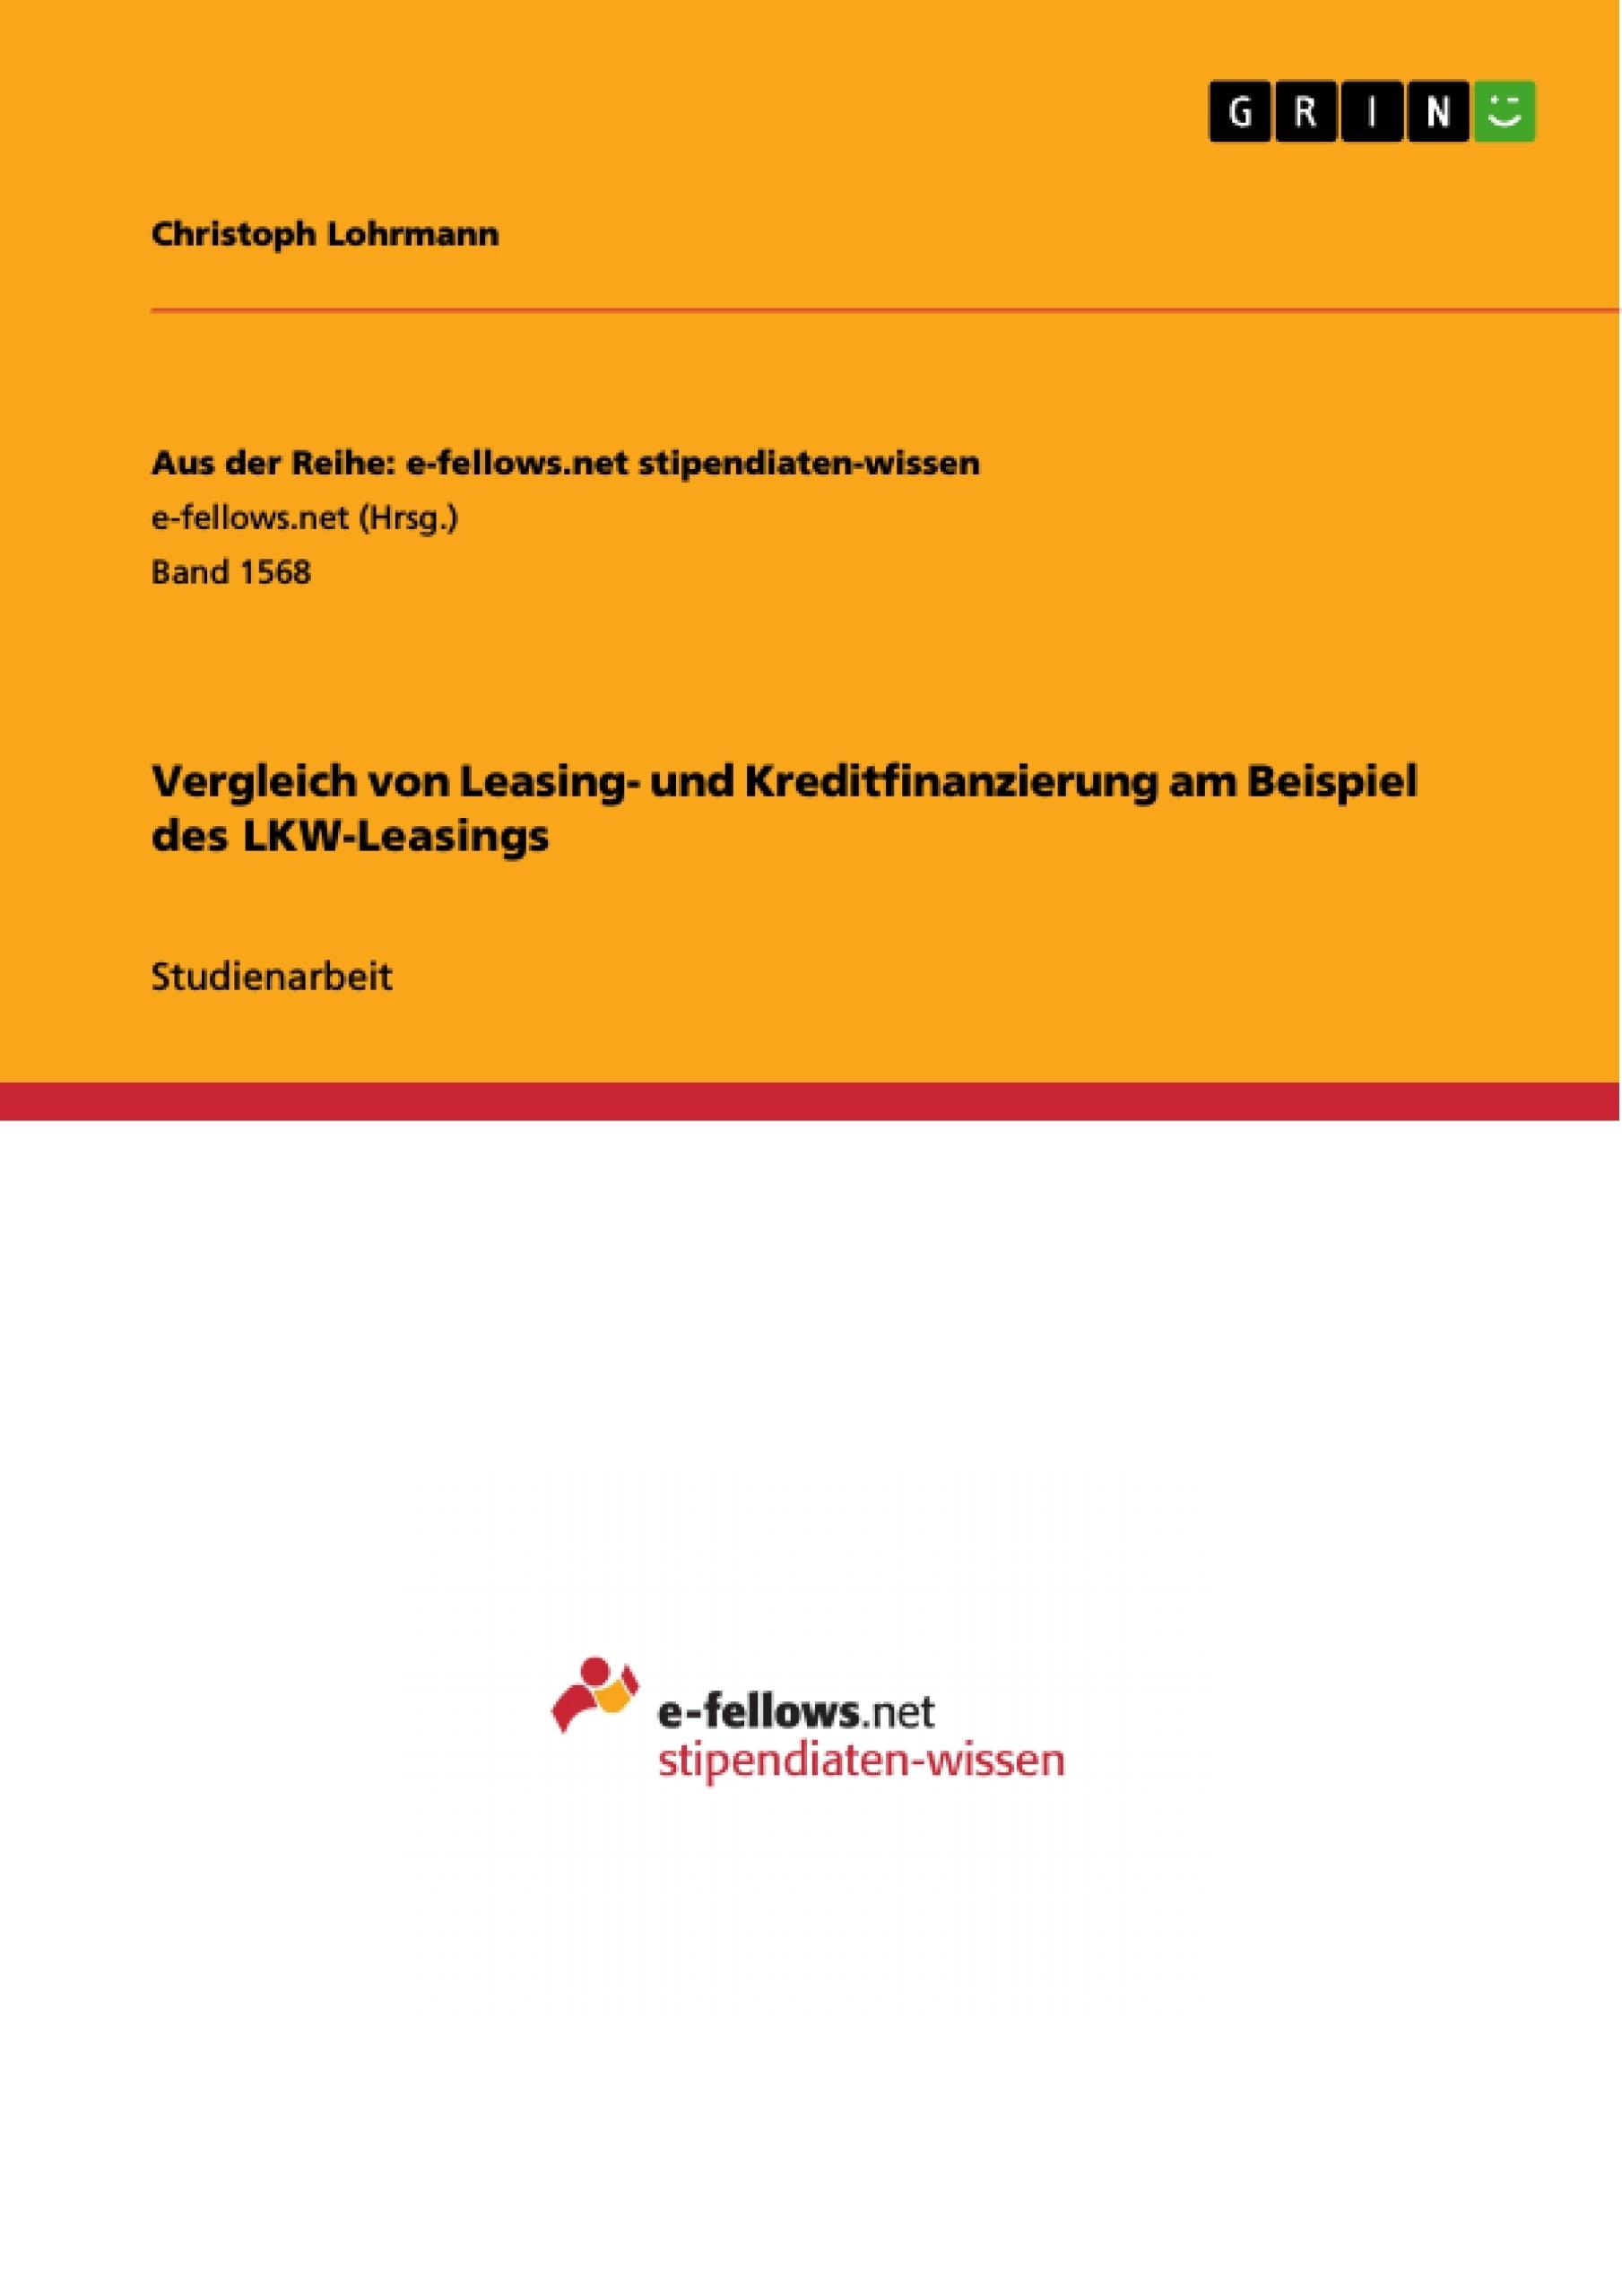 Titel: Vergleich von Leasing- und Kreditfinanzierung am Beispiel des LKW-Leasings